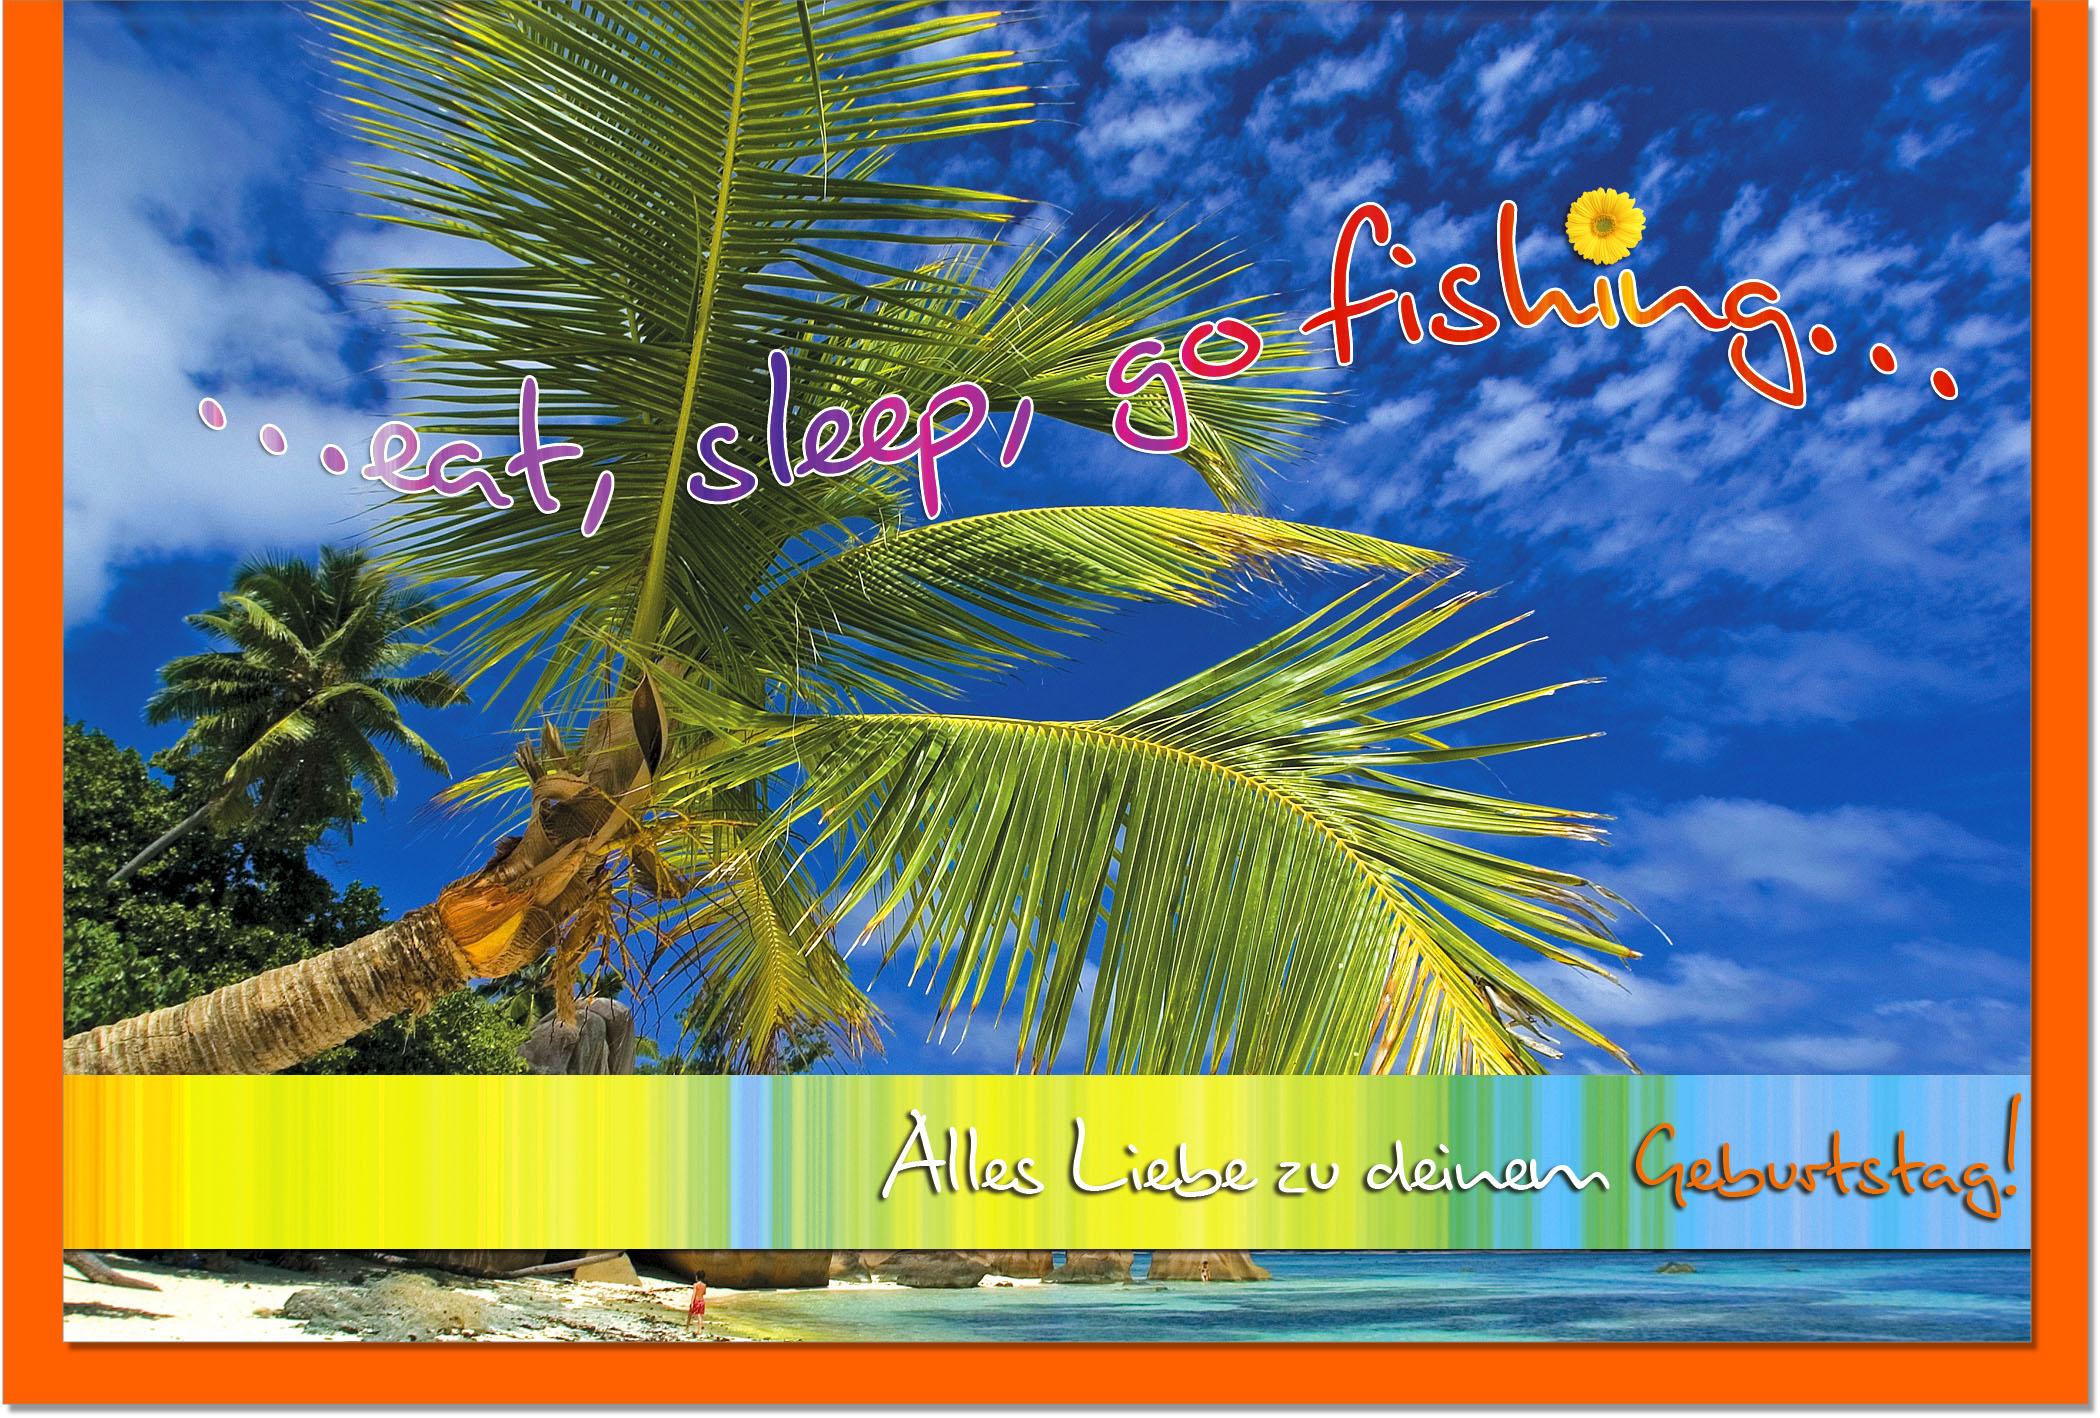 Geburtstagskarten / Grußkarten /Geburtstag Insel